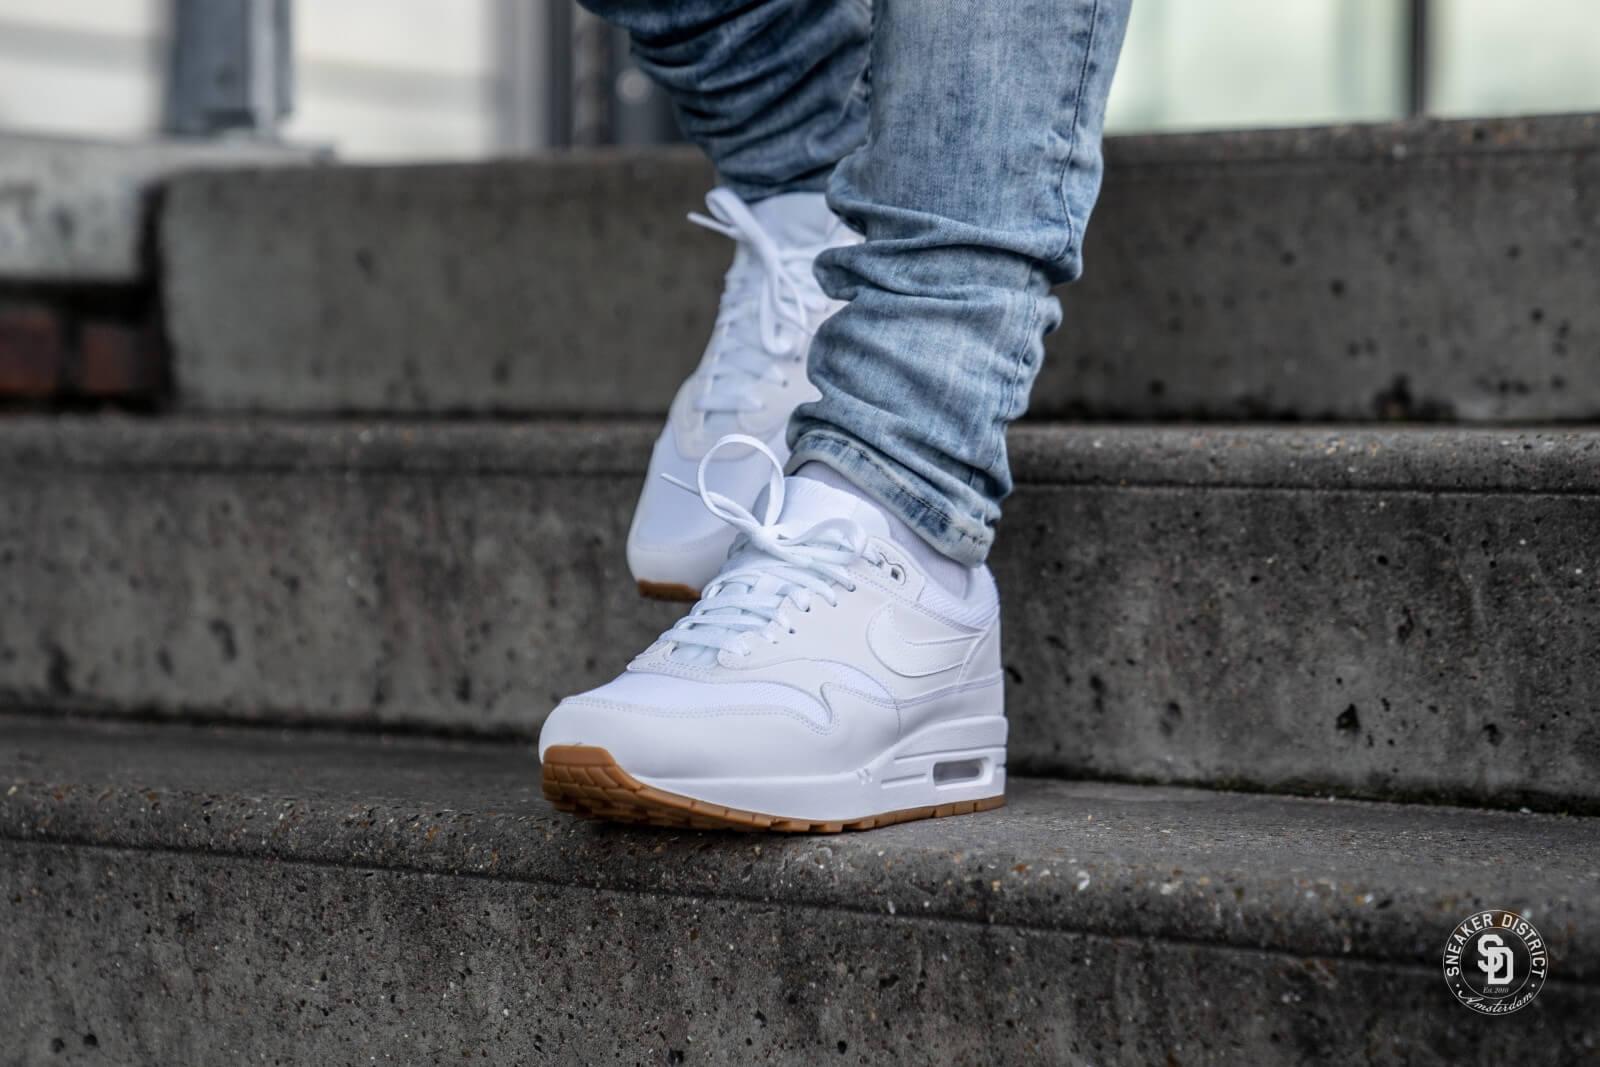 Nike Air Max 1 White/White-Gum - AH8145-109